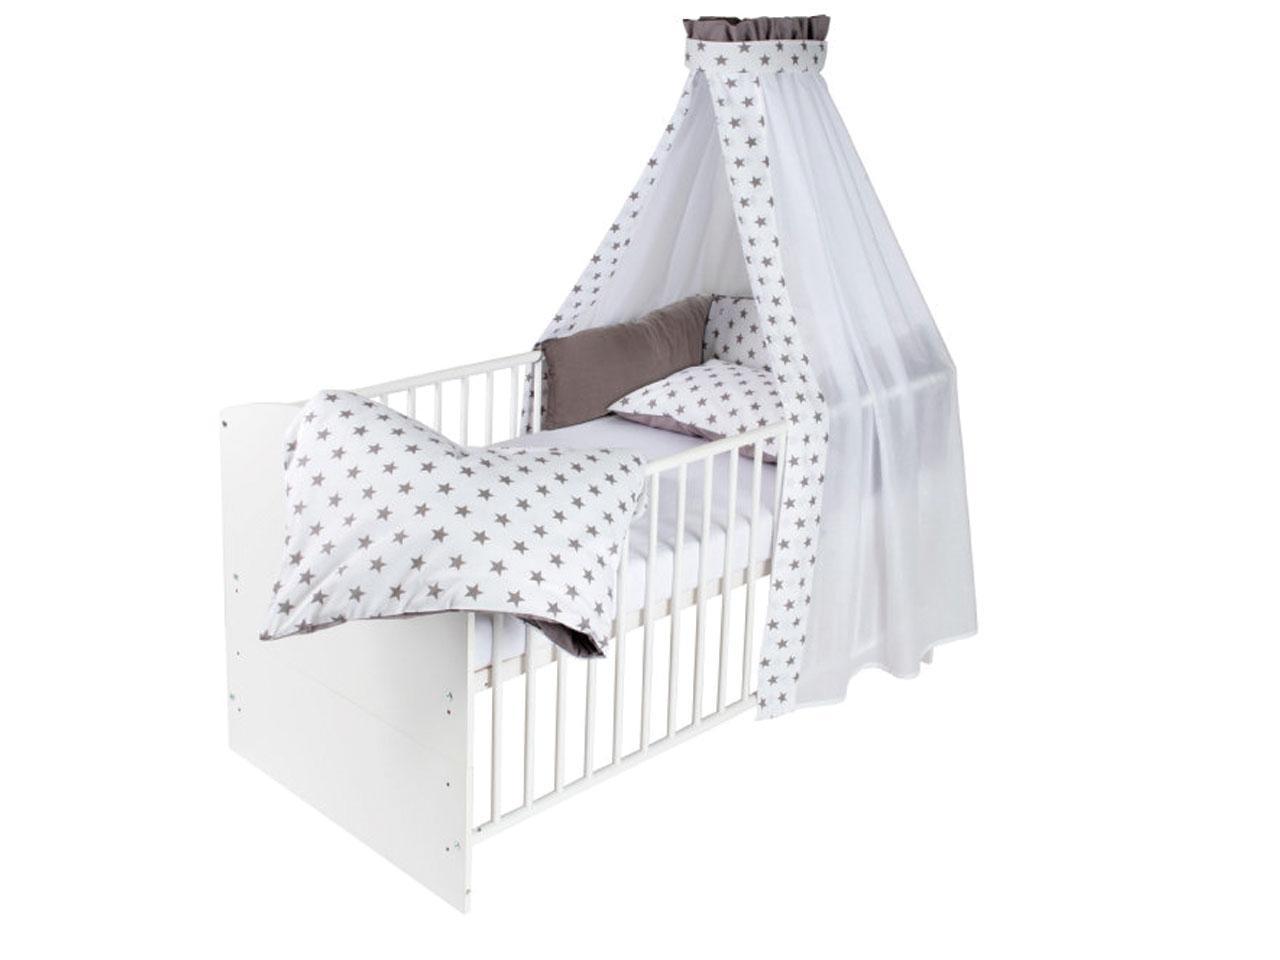 SCHARDT Postýlka s textilní výbavou classic, bílá Big Stars šedá, 60 x 120 cm